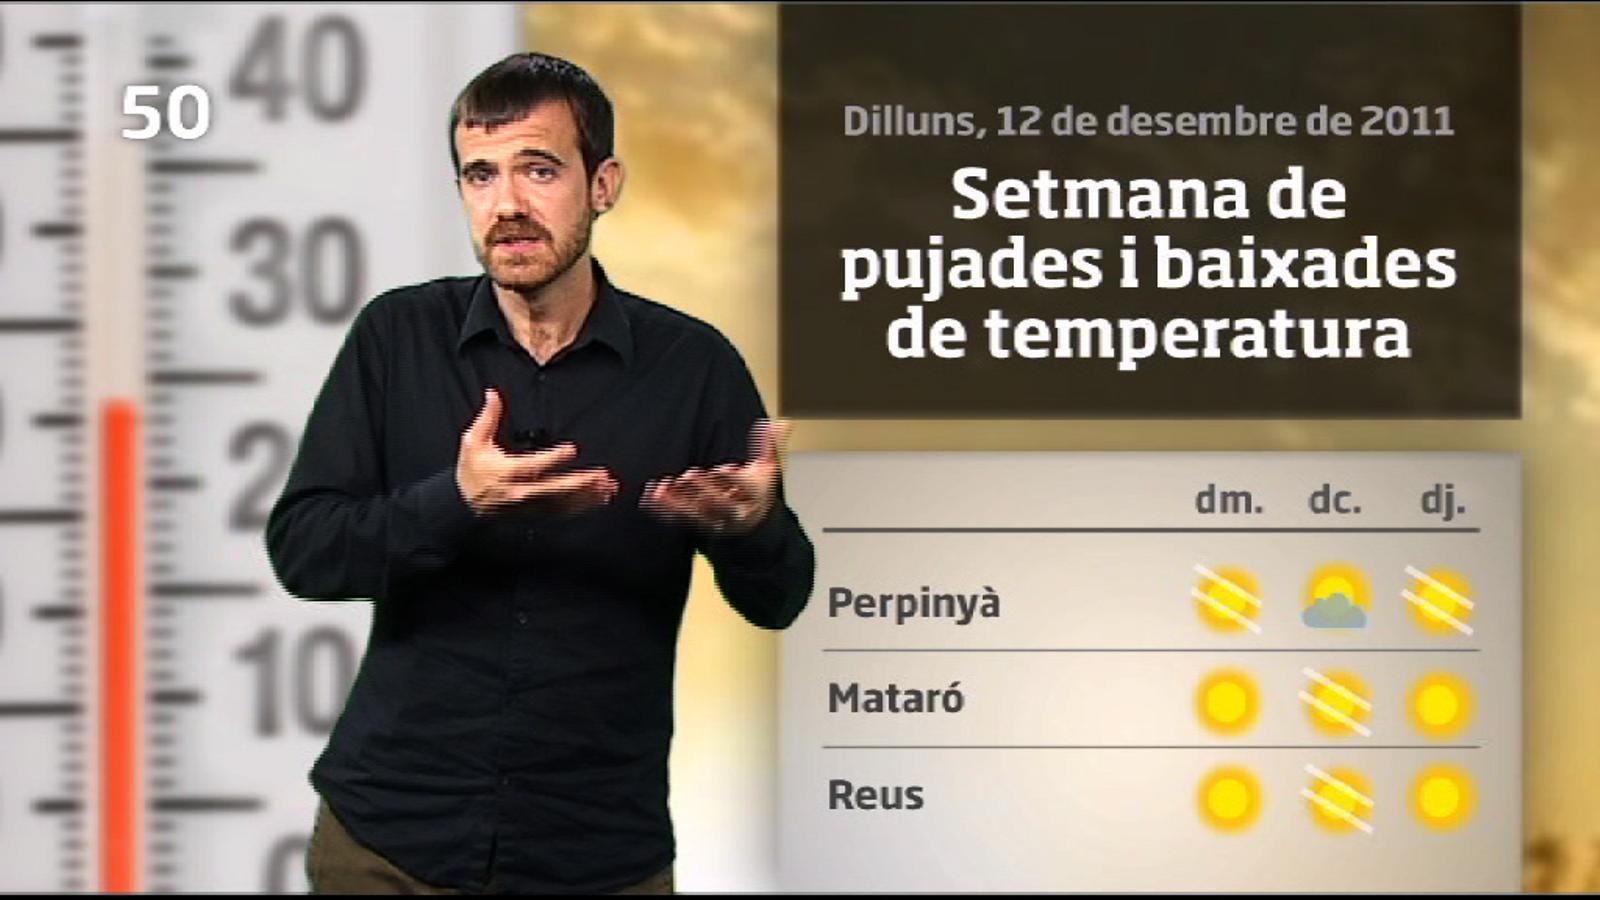 La méteo en 1 minut: setmana amb pujades i baixades de temperatura (13/12/2011)